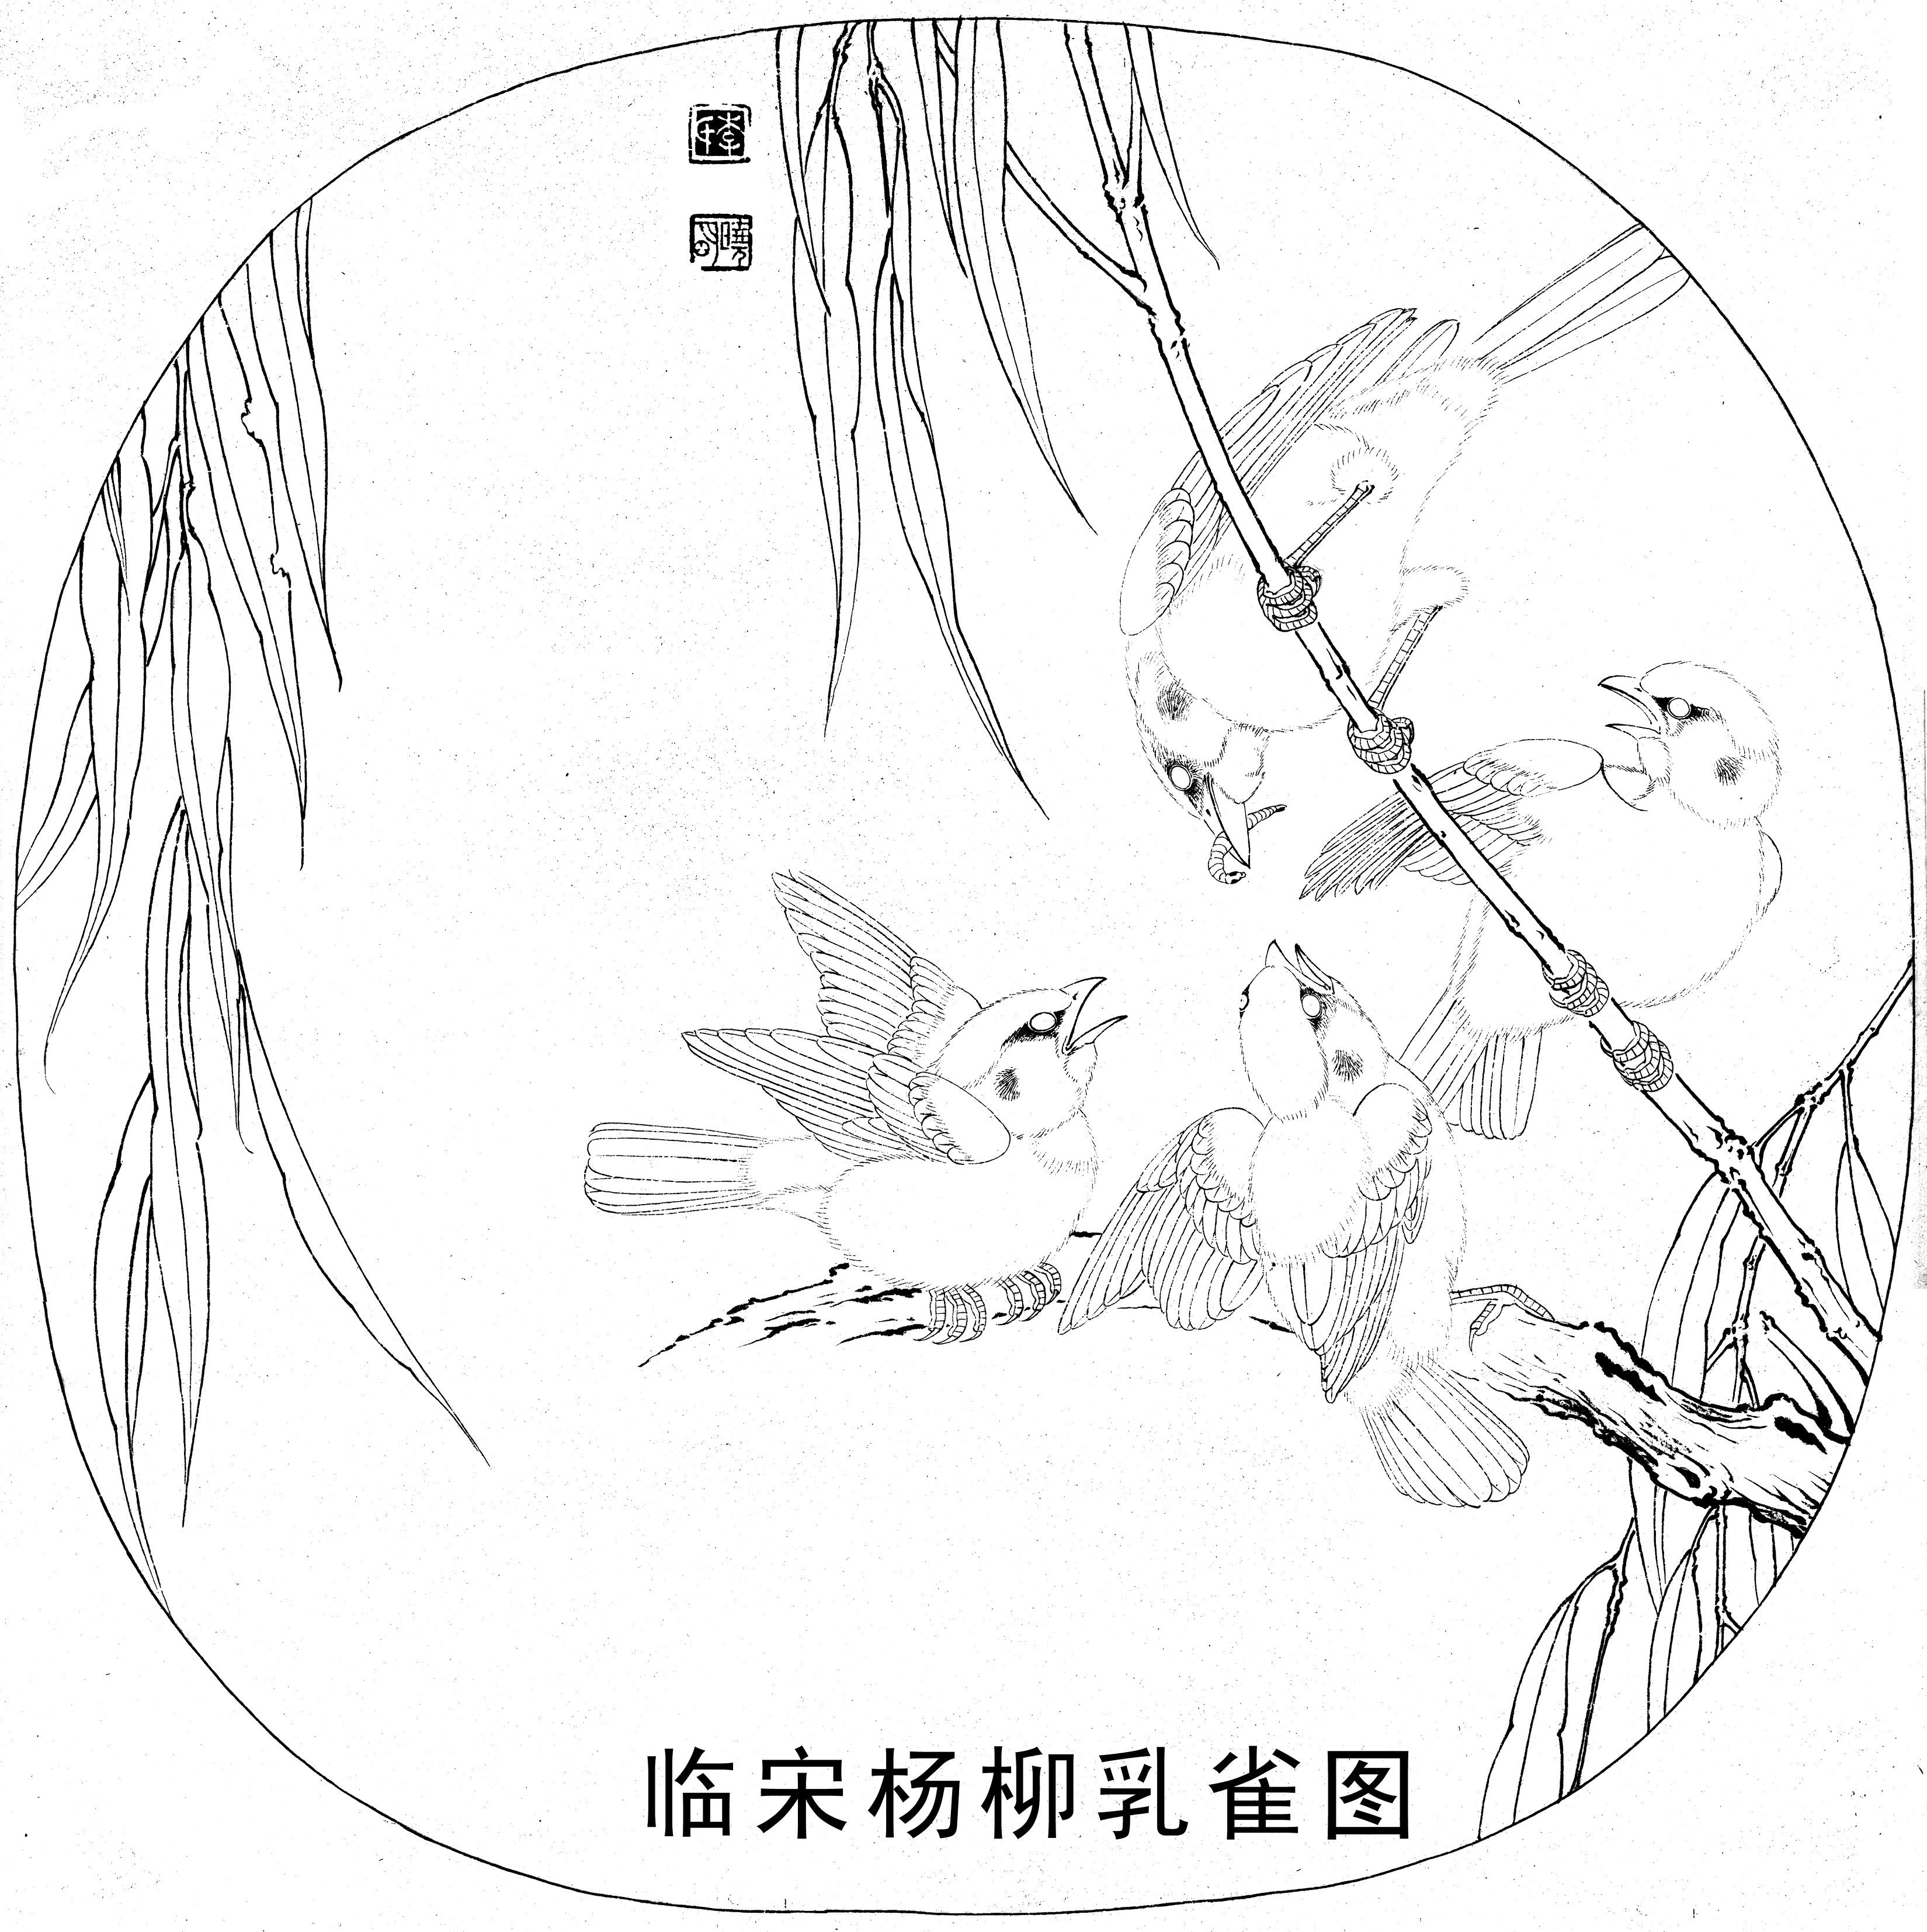 临摹 杨柳乳雀图 工笔作画步骤教程